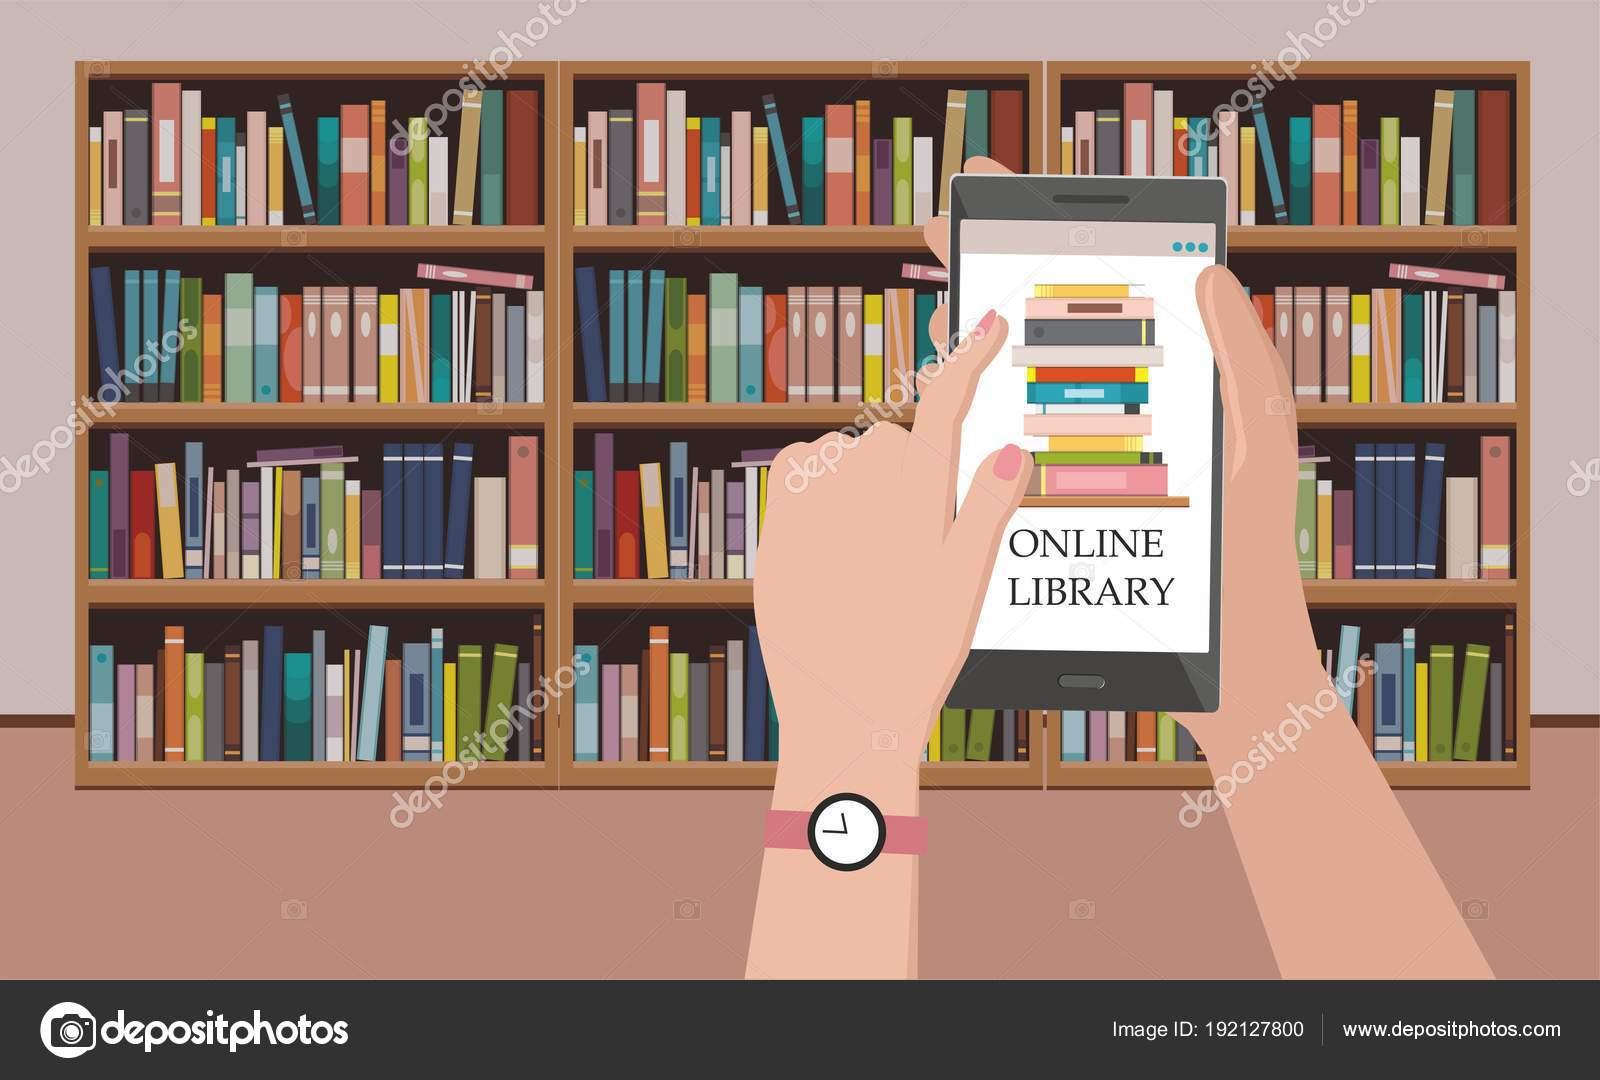 Boekenplank Met Boeken.Boekenplank Met Boeken Het Scherm Van Telefoon Bij Boekenplank